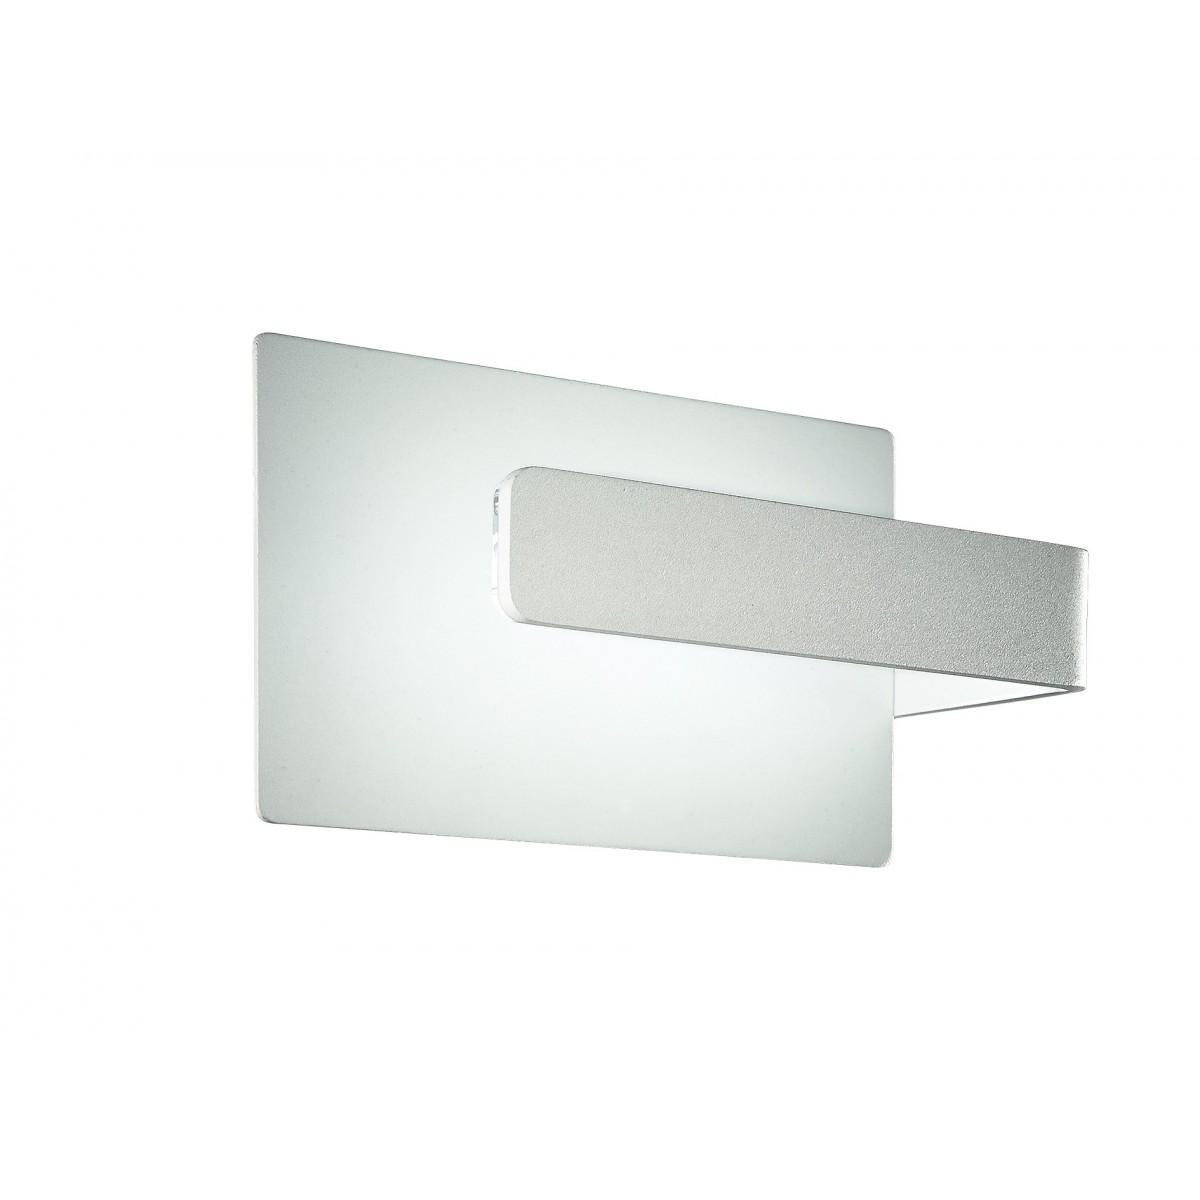 Applique murale LED au design moderne et